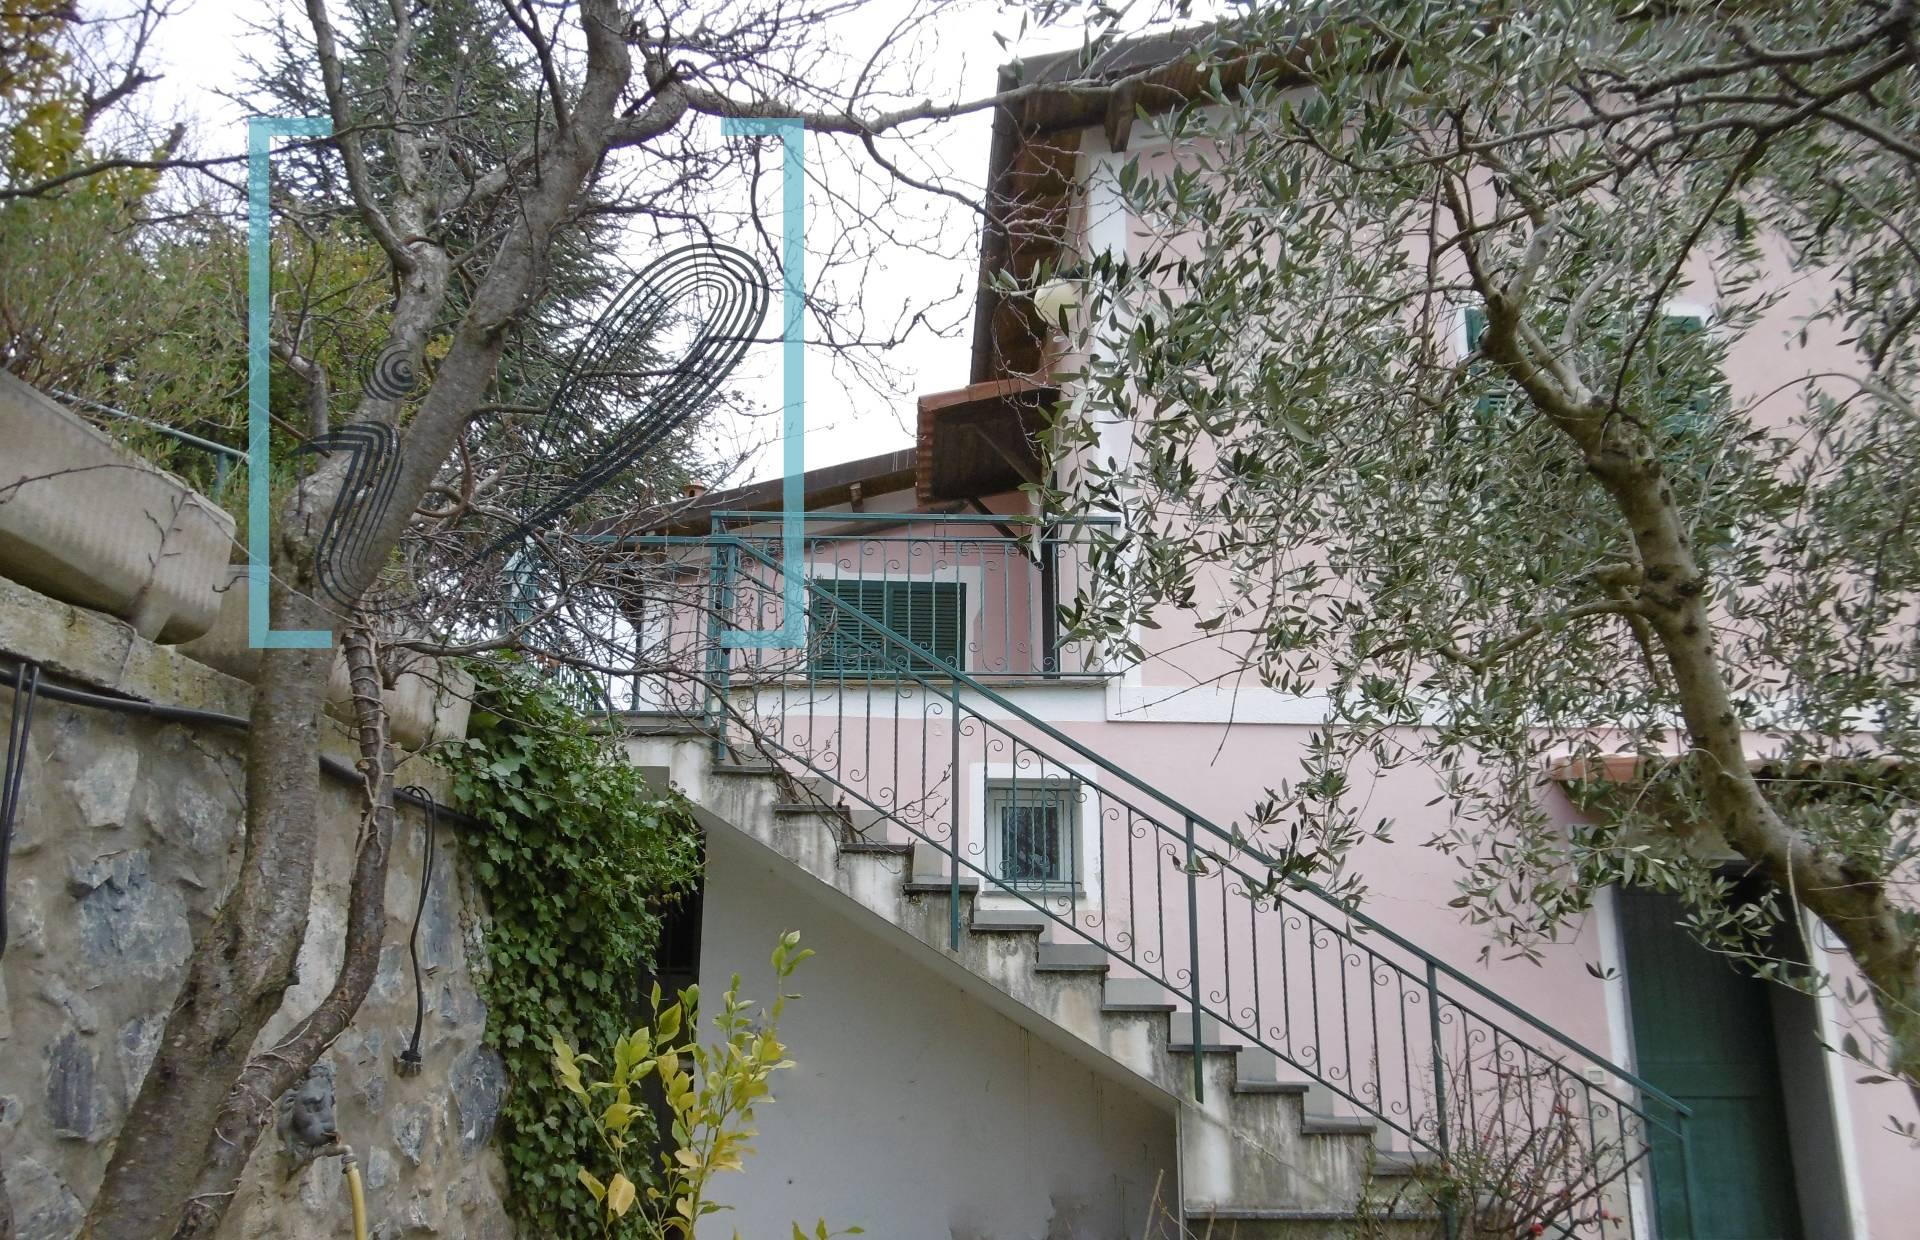 Villa in vendita a Aquila di Arroscia, 7 locali, prezzo € 190.000 | Cambio Casa.it